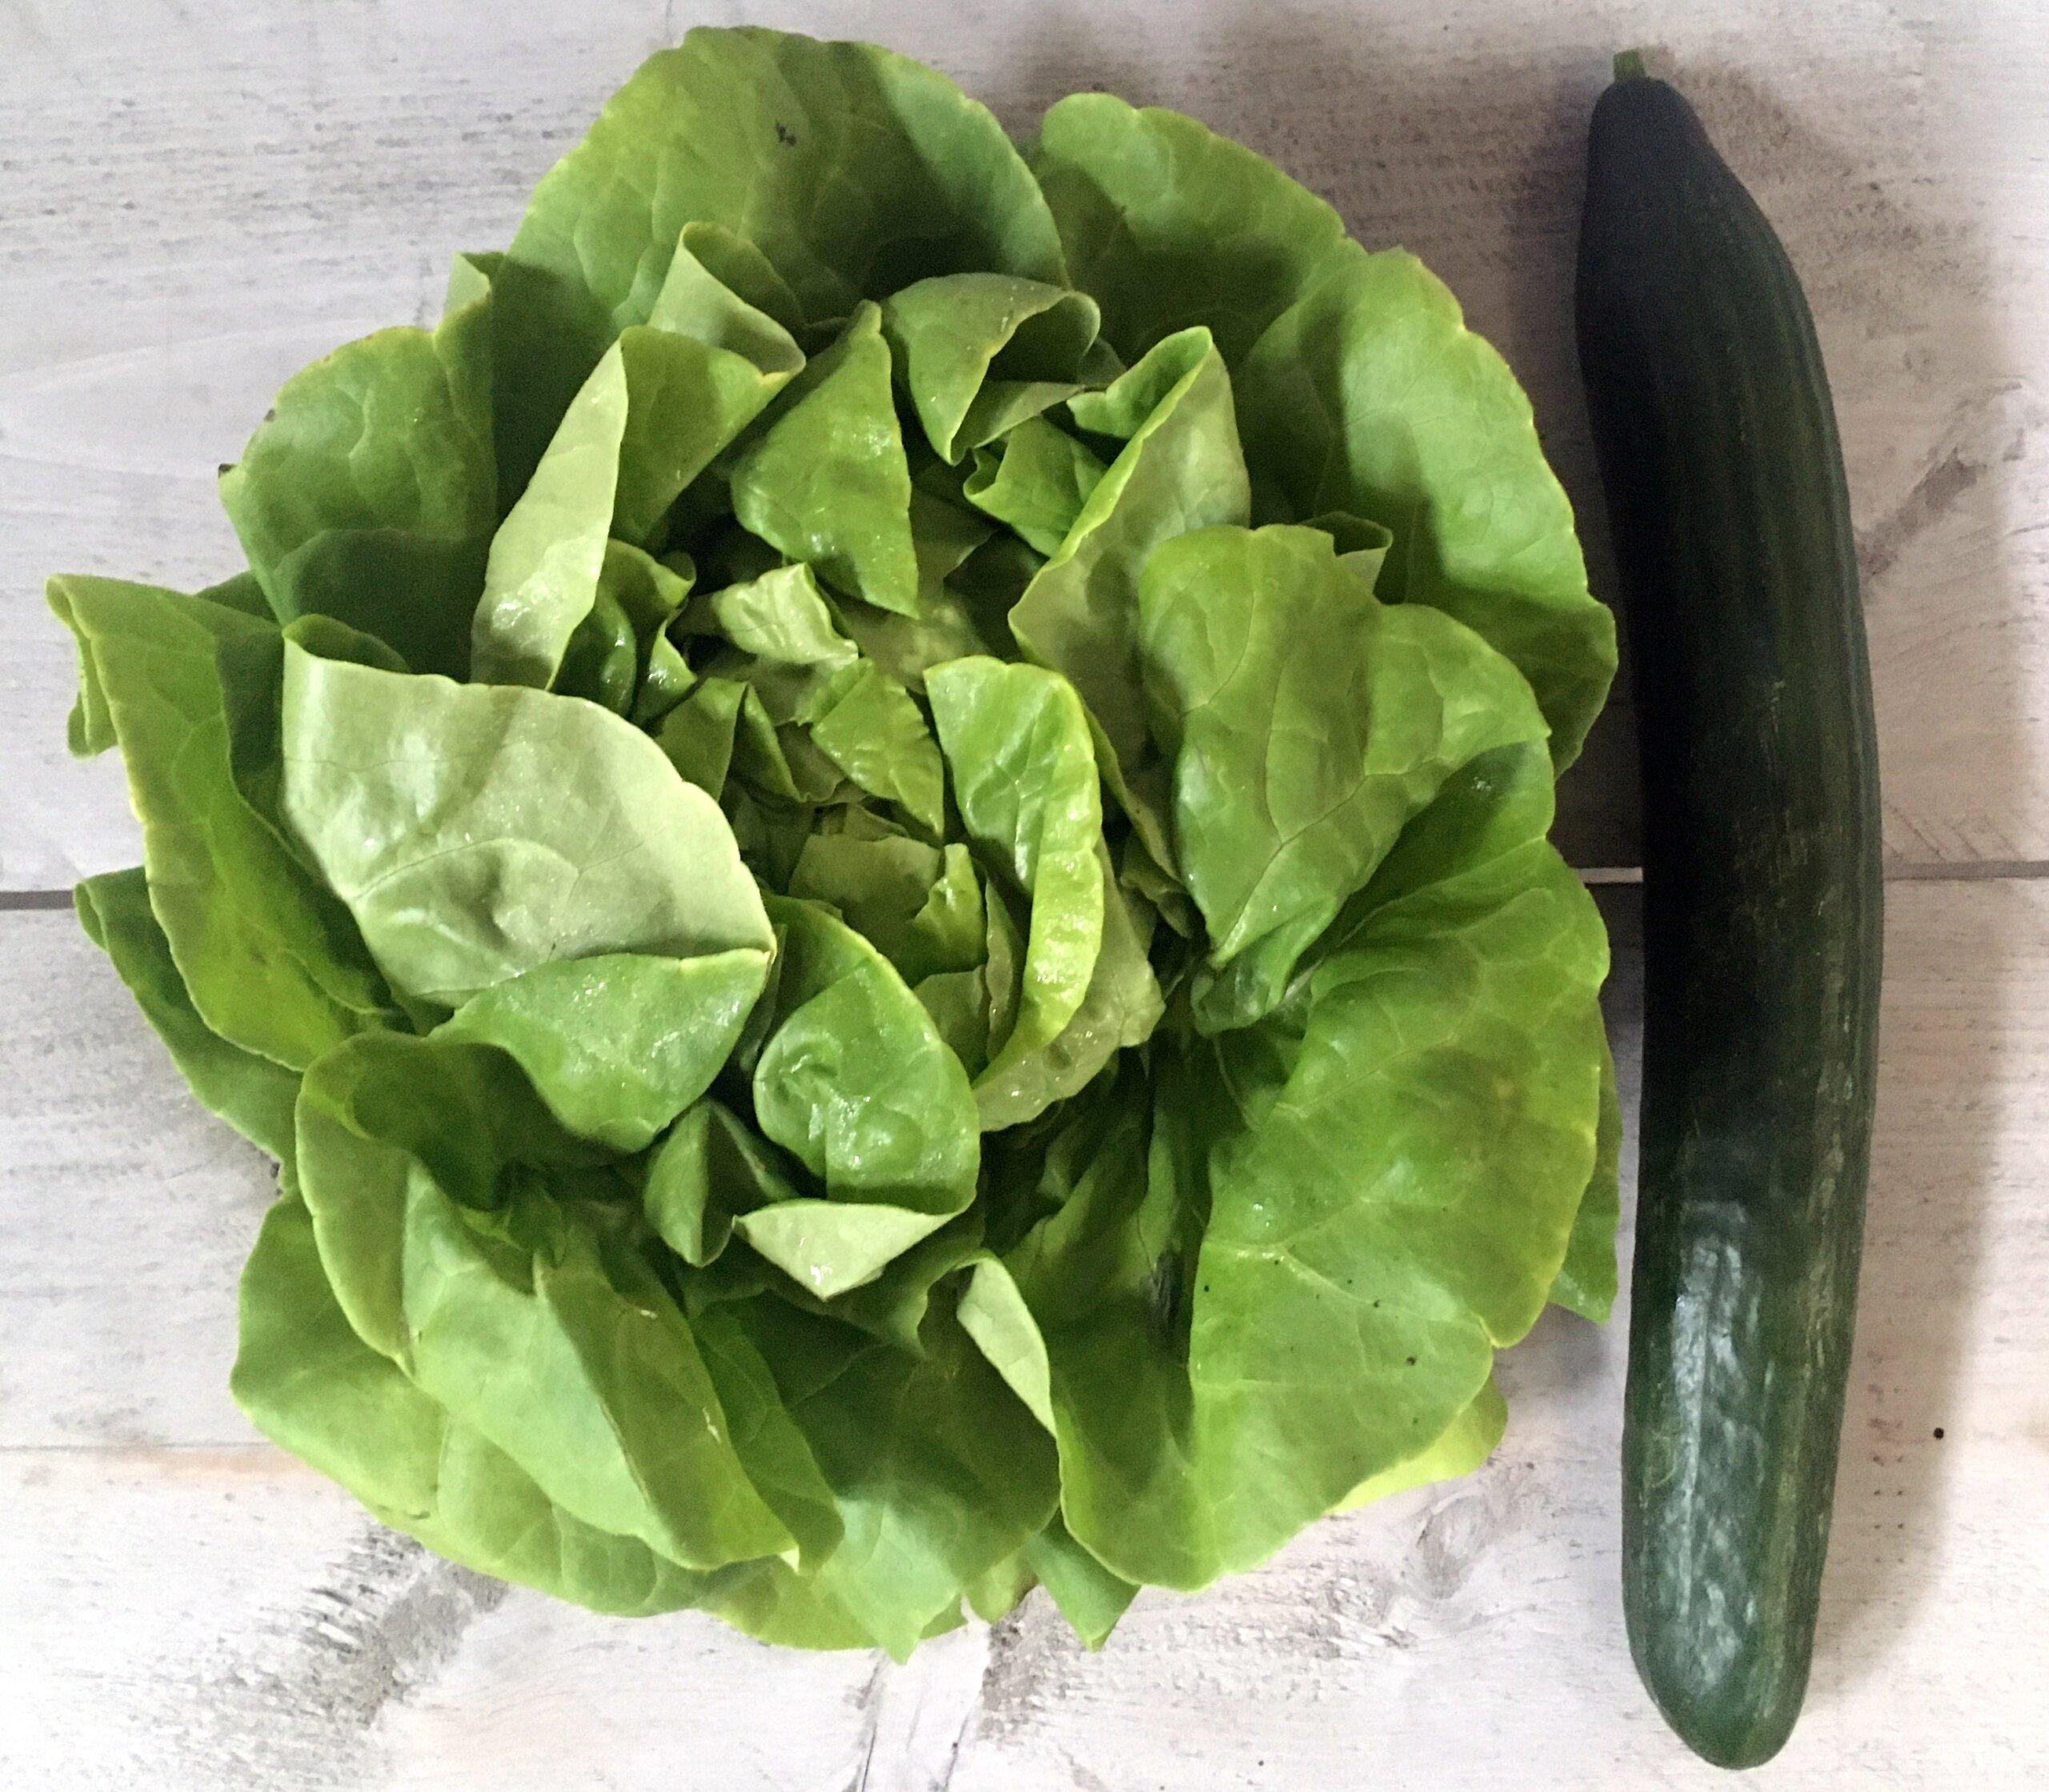 Fruitbedrijf Van den Berge krop sla-komkommer